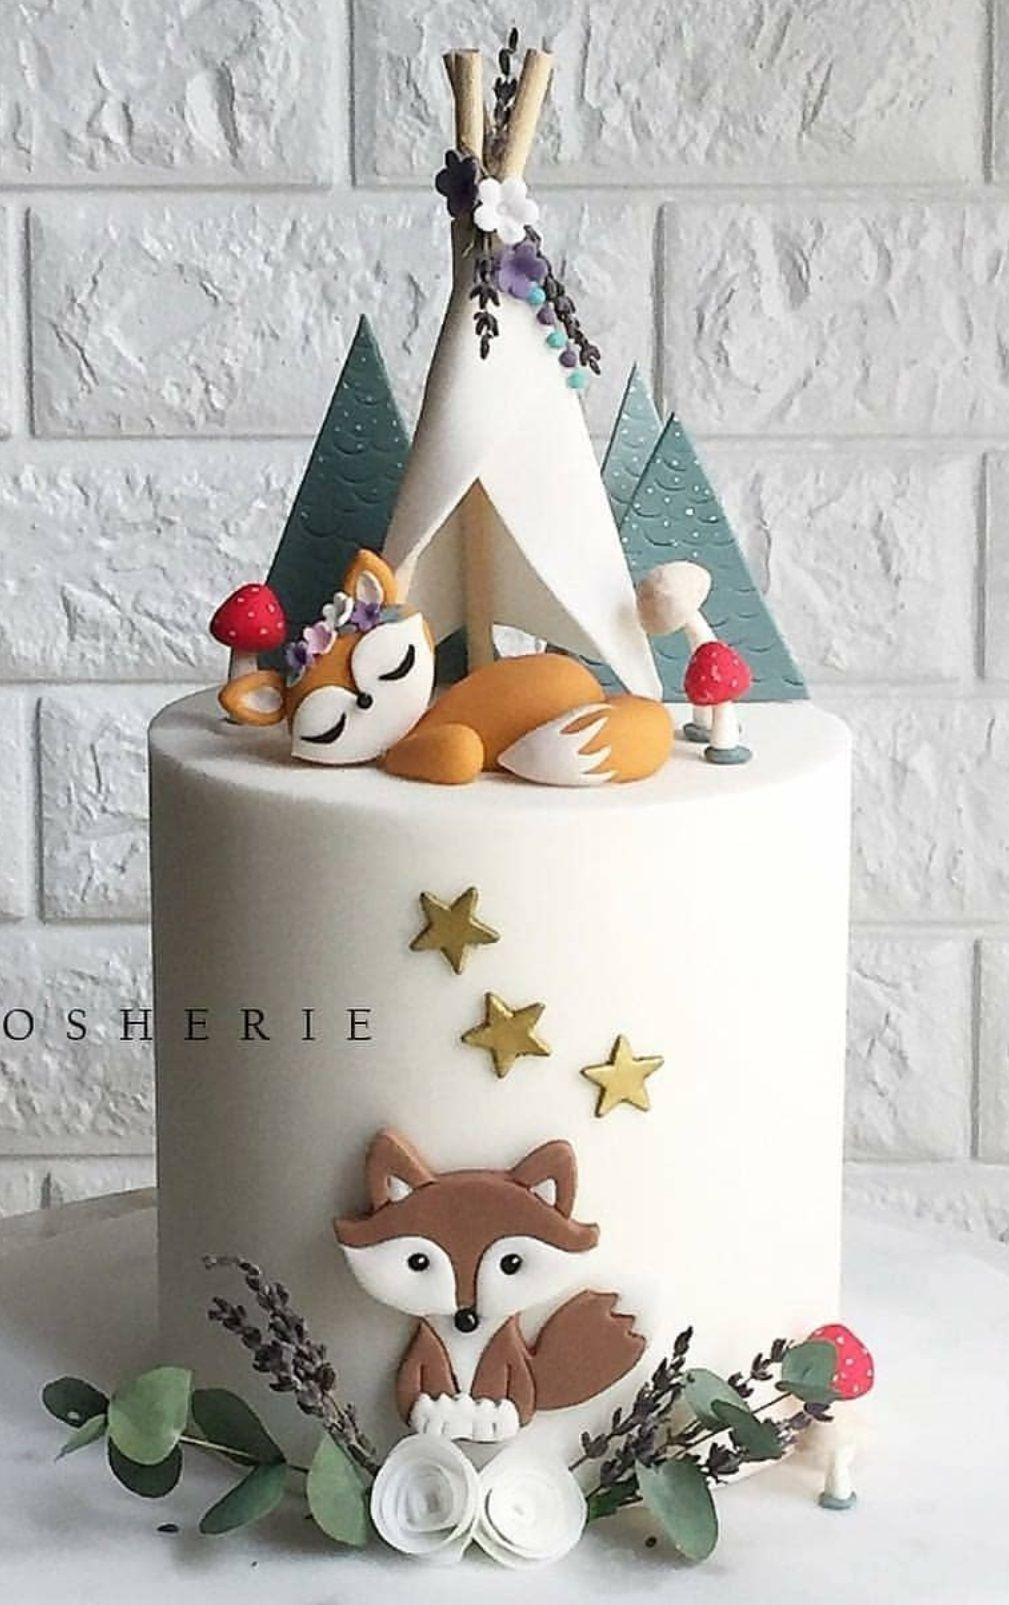 Fox cakes/treats ideas | Shower cakes, Themed cakes ...